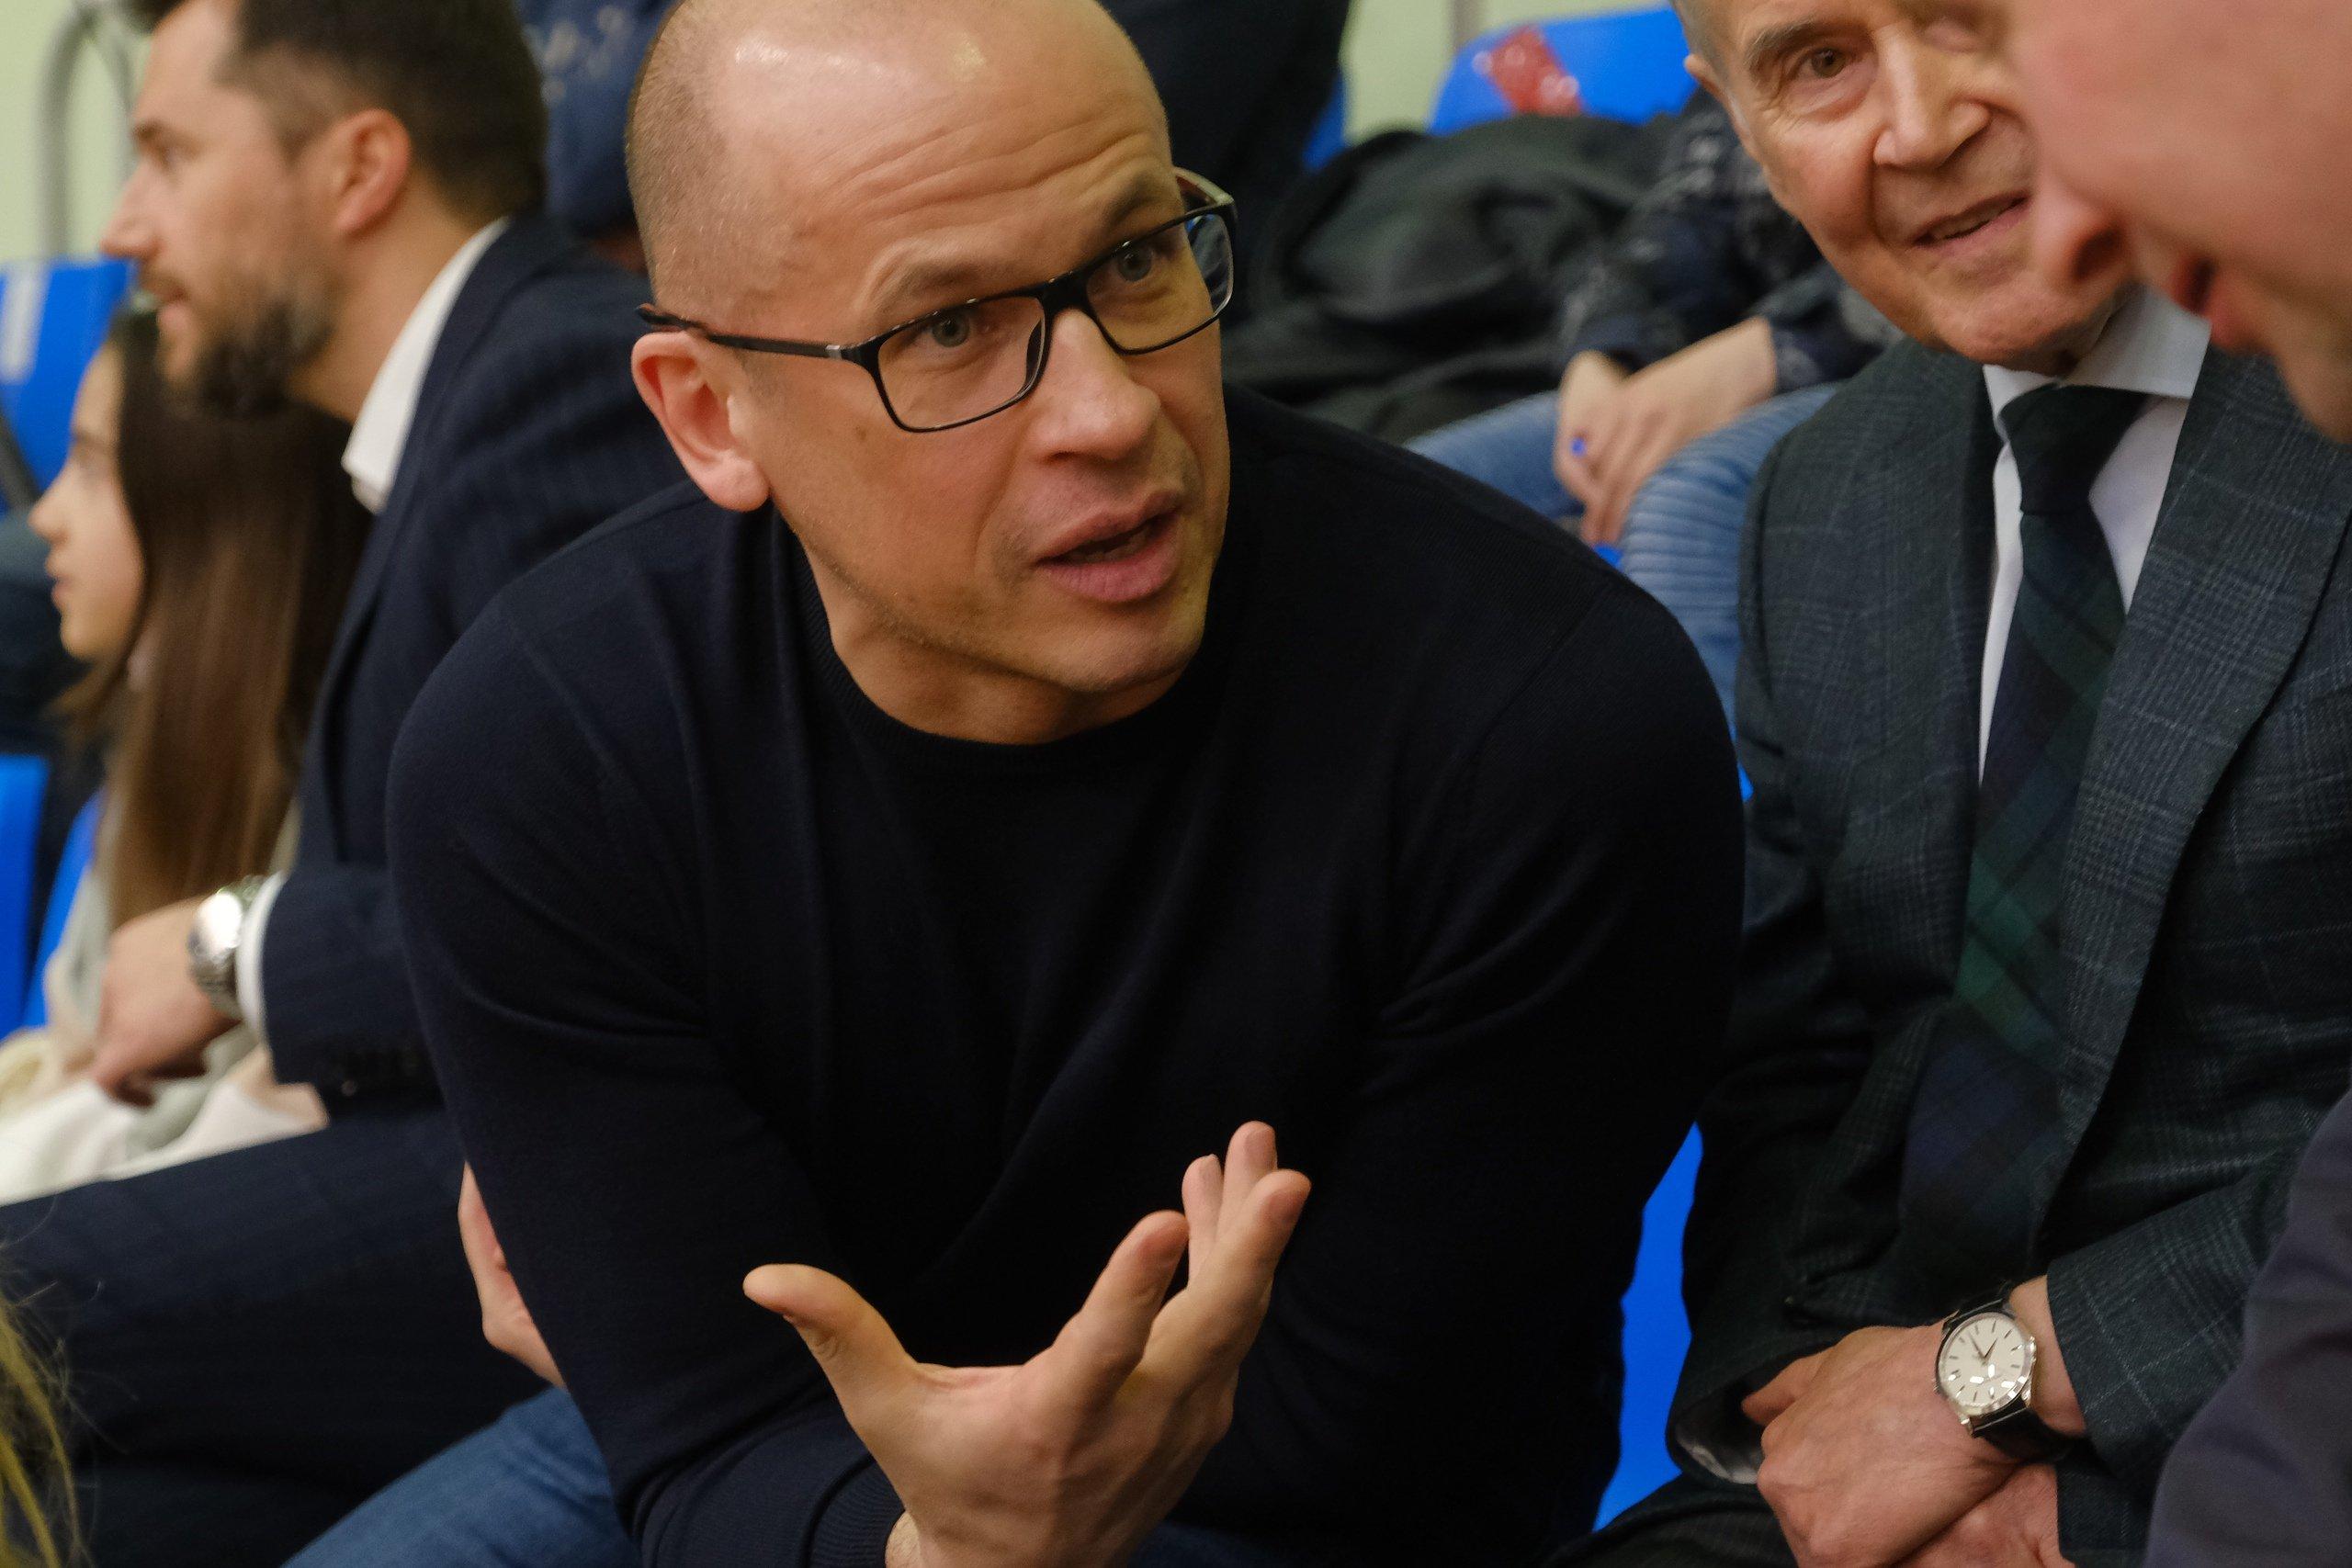 Глава Удмуртии Александр Бречалов рассказал о своих вредных привычках